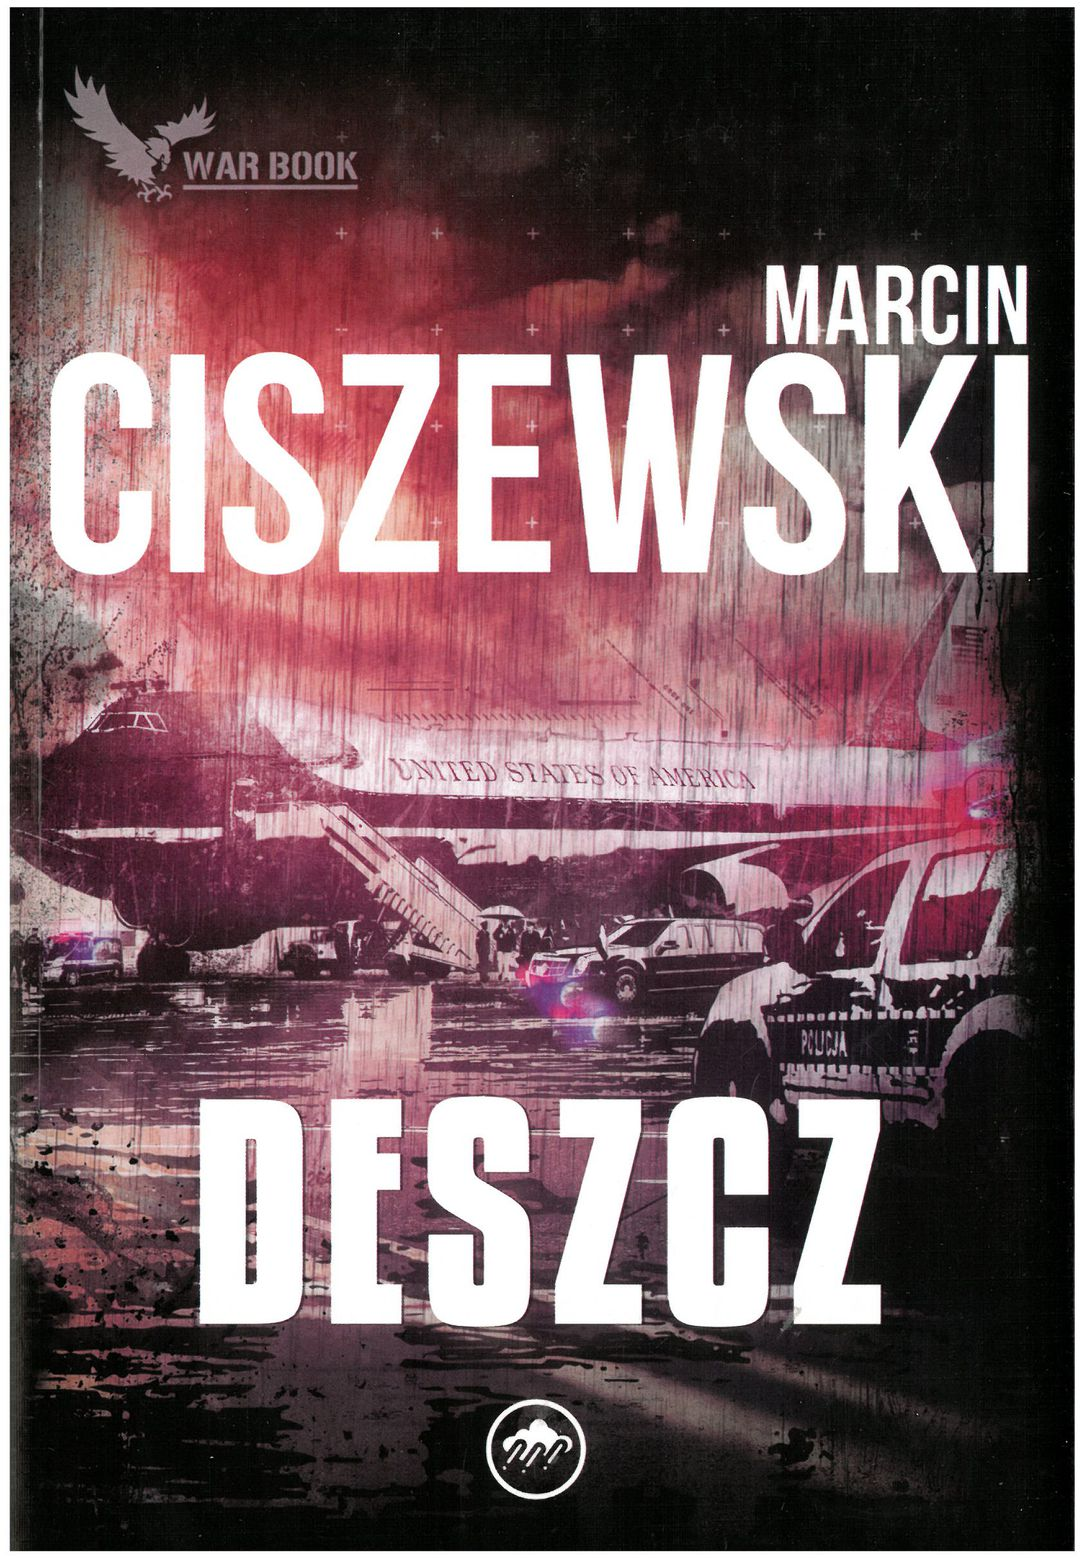 Ciszewski Marcin - Deszcz